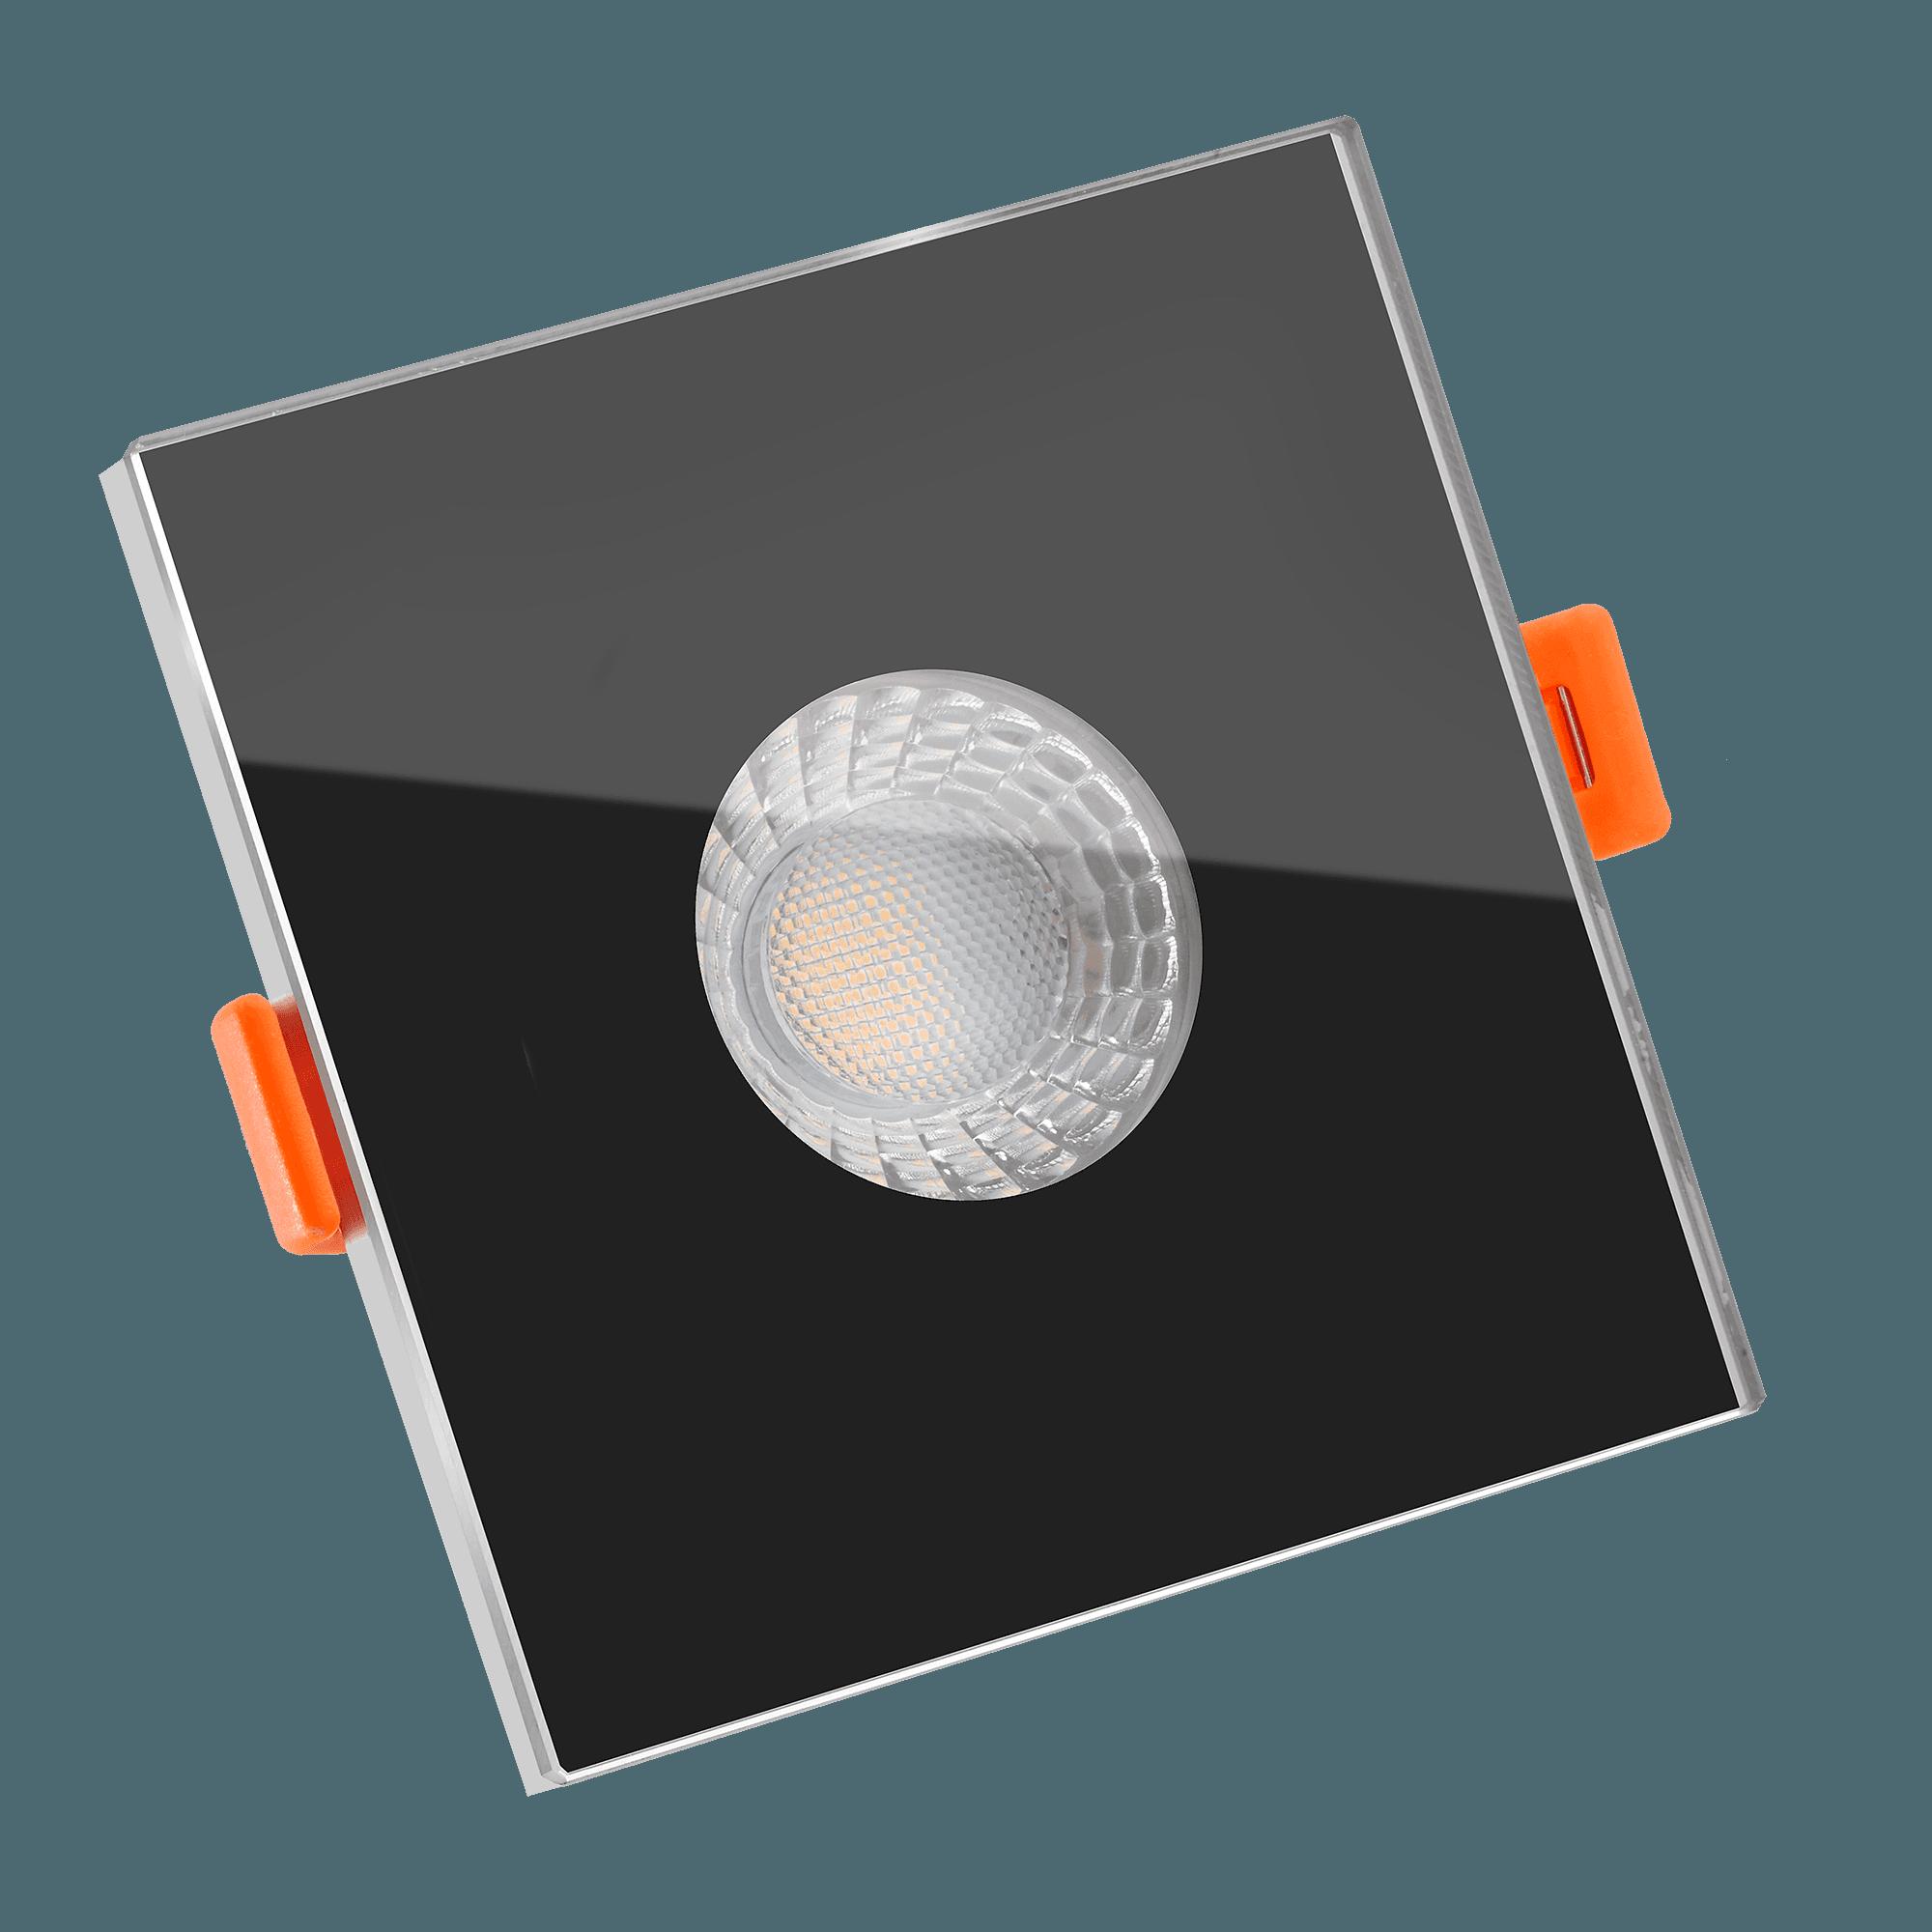 smart home 24v bad led einbaustrahler glas eckig 25mm. Black Bedroom Furniture Sets. Home Design Ideas